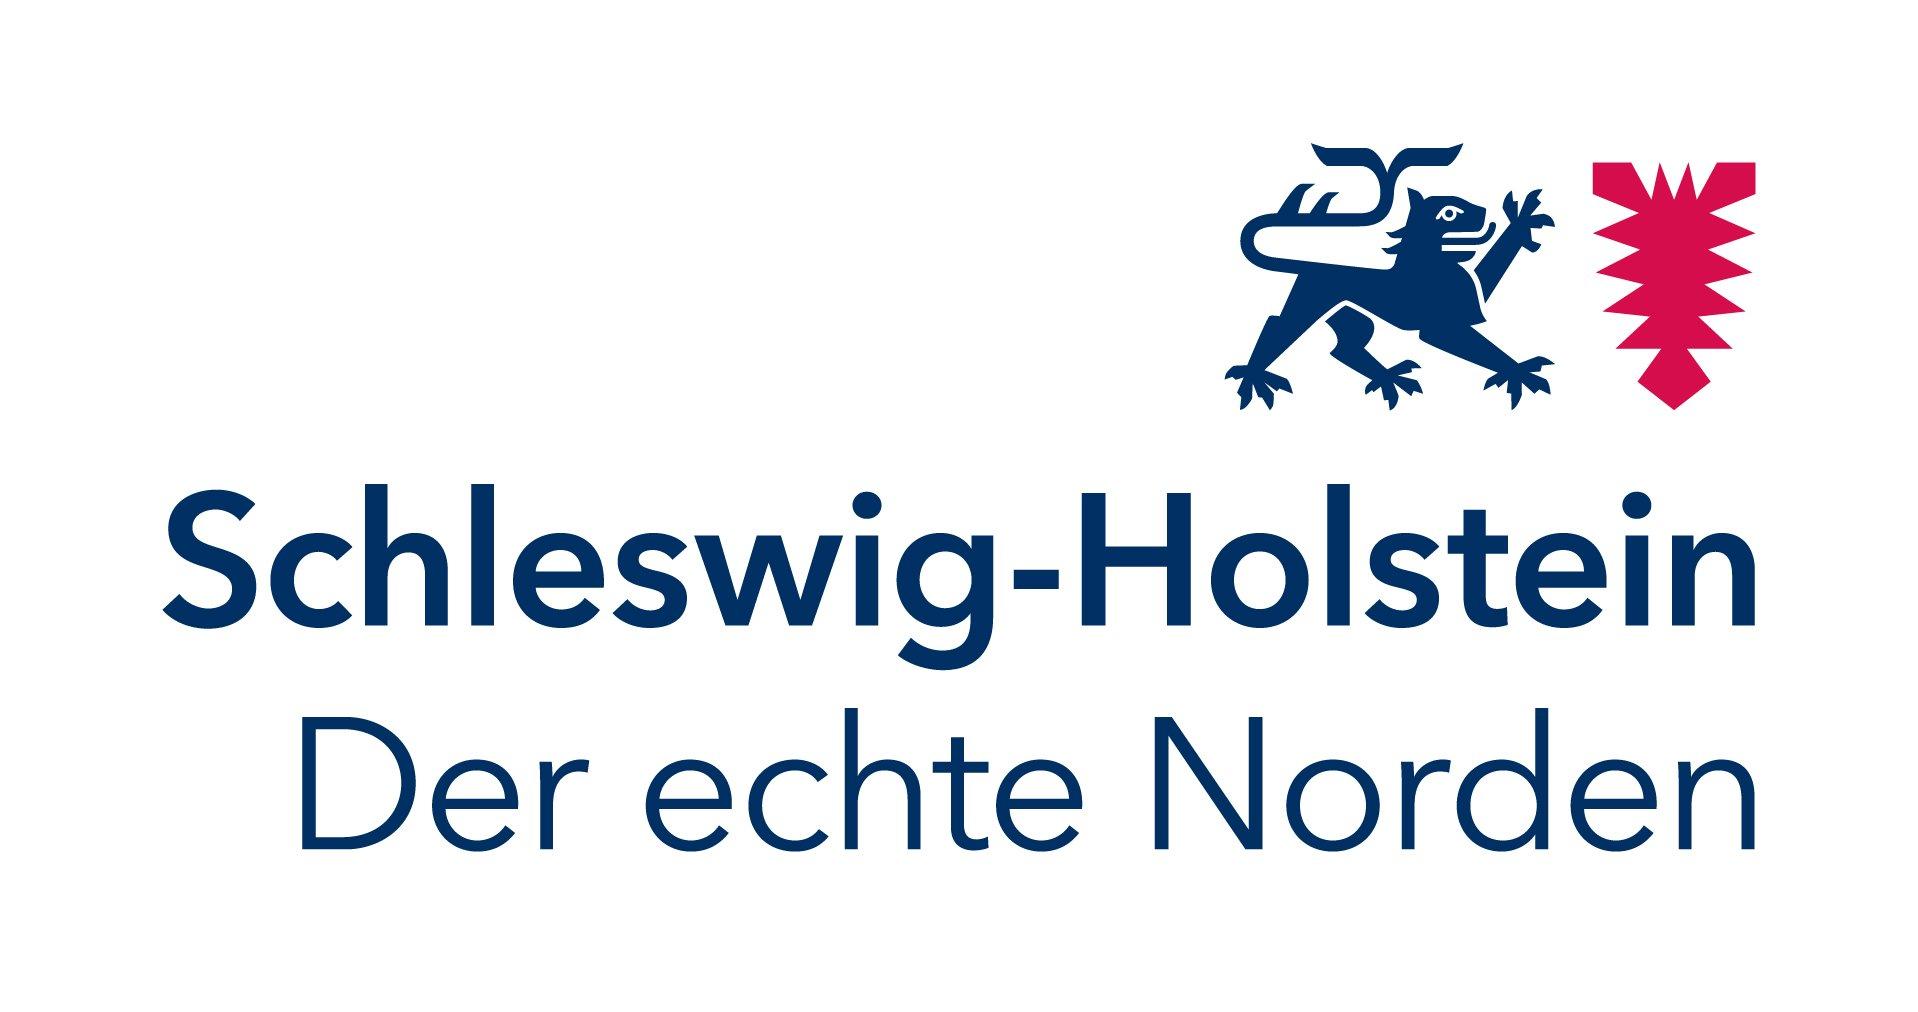 Die Staatskanzlei Schleswig-Holstein unterstützt unser Barcamp #bchl16! @Land_SH Alle Sponsoren findest du auf https://t.co/XUDSKUCHZ6 https://t.co/4EtD1kkof8